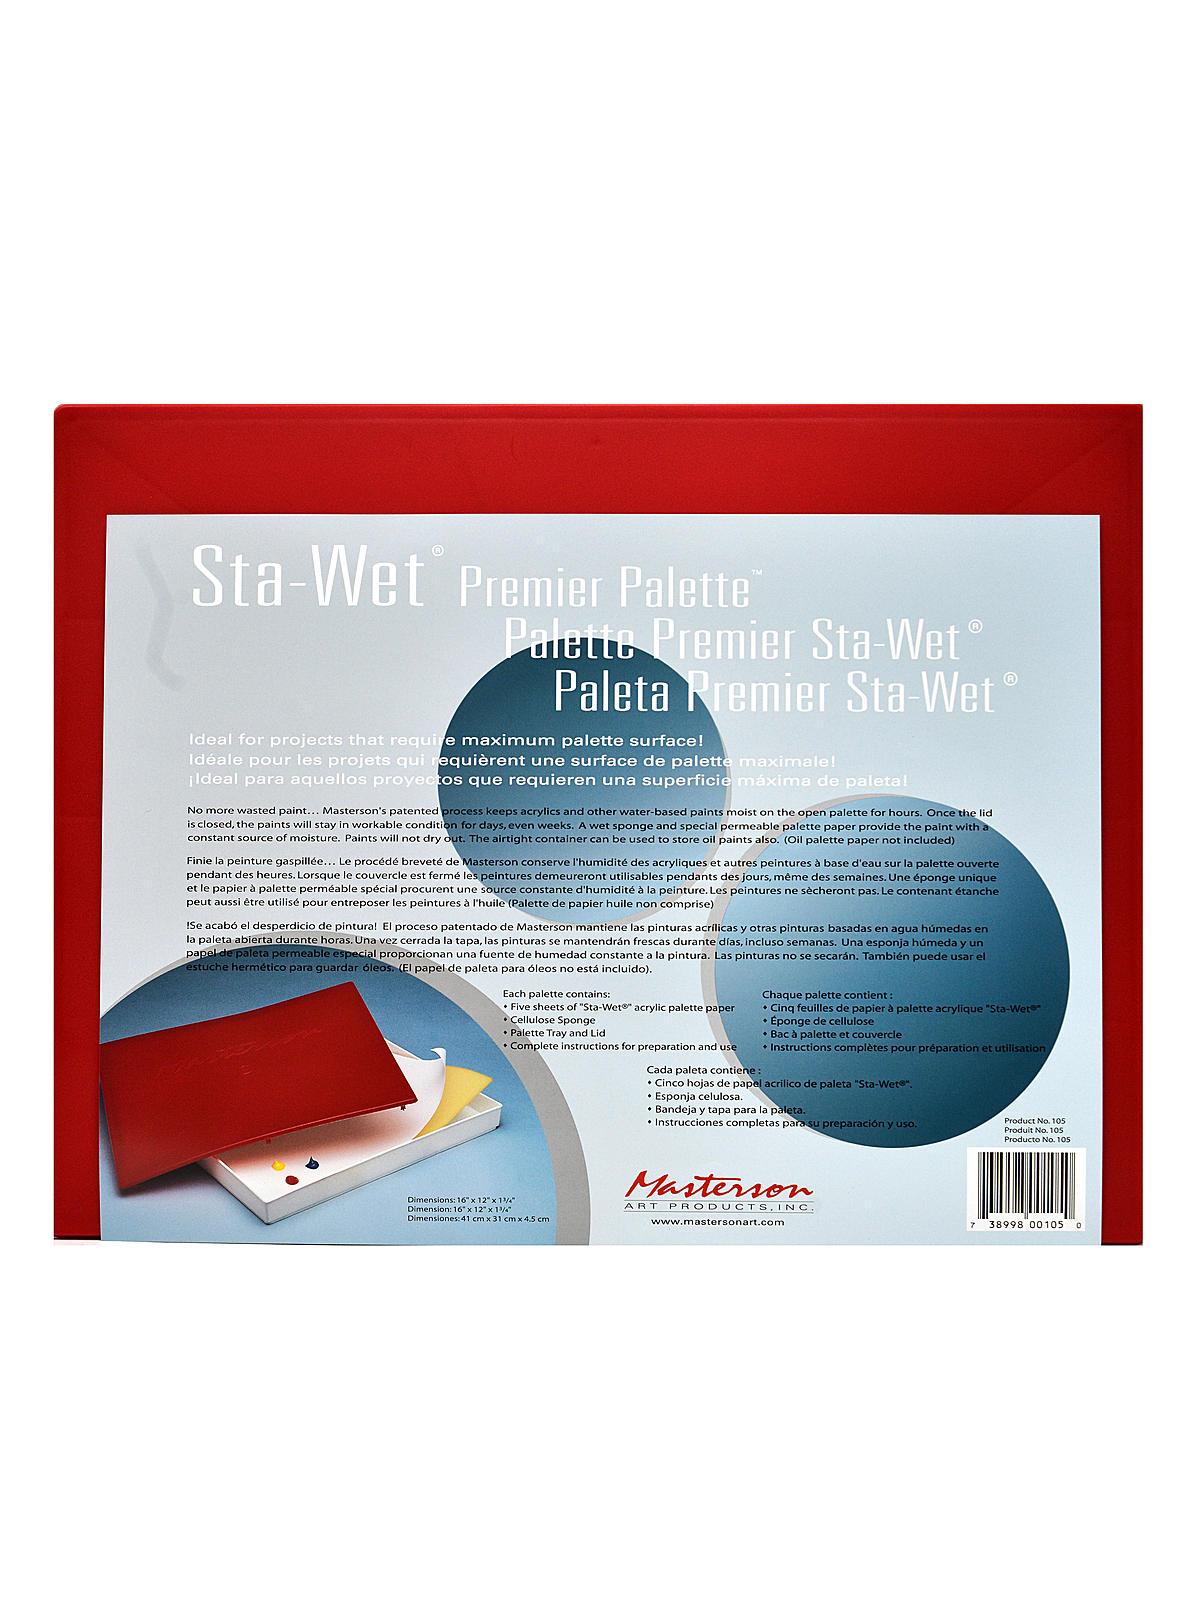 Sta-Wet Premier Palette